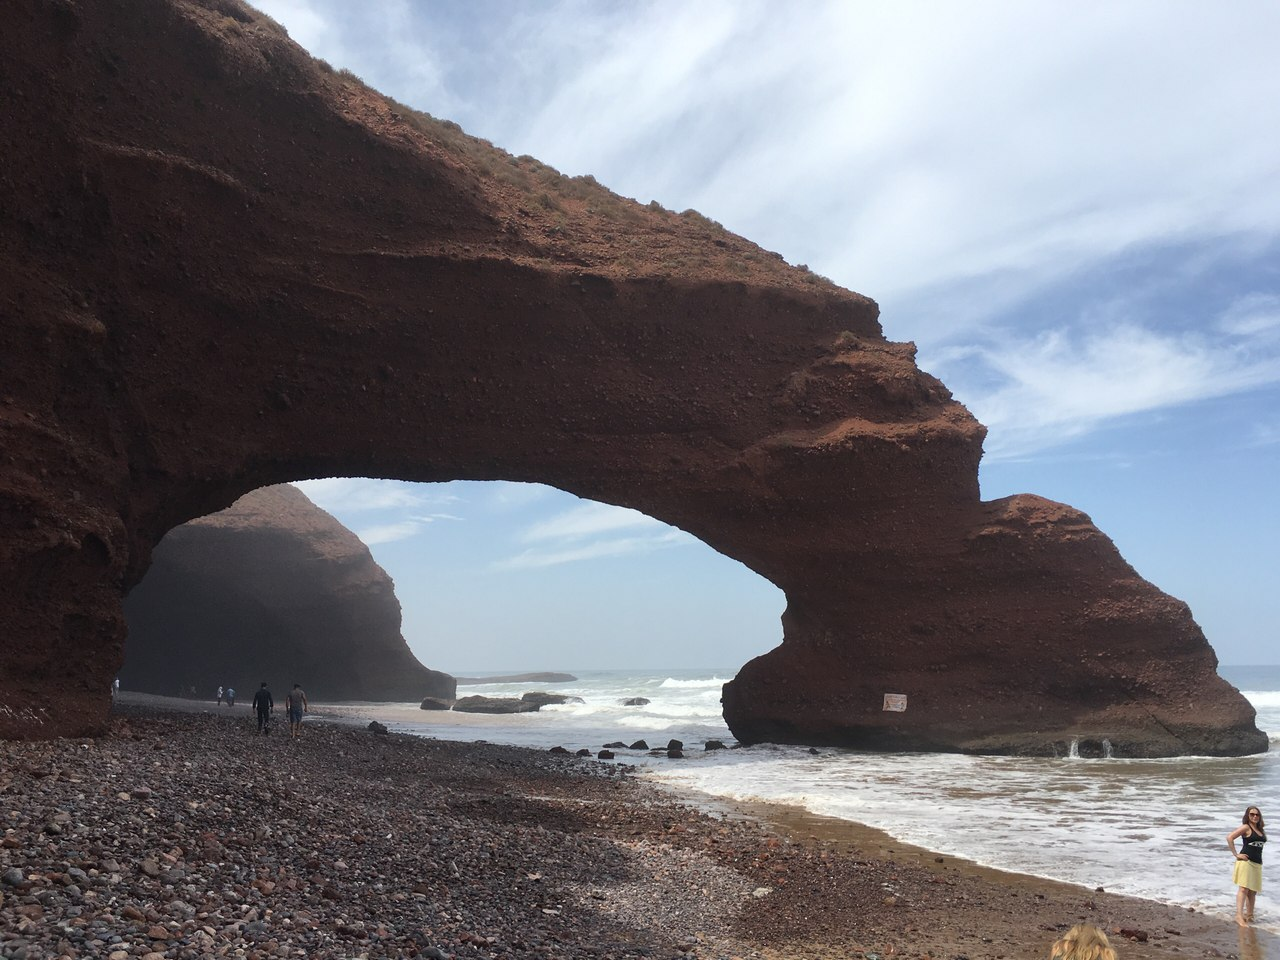 arches legzira collapse, ark legzira collapse, One of the two arches at Legzira collapsed, Maroc: L'une des deux arches rocheuses de Legzira effondree, maroc legzira arch collapse